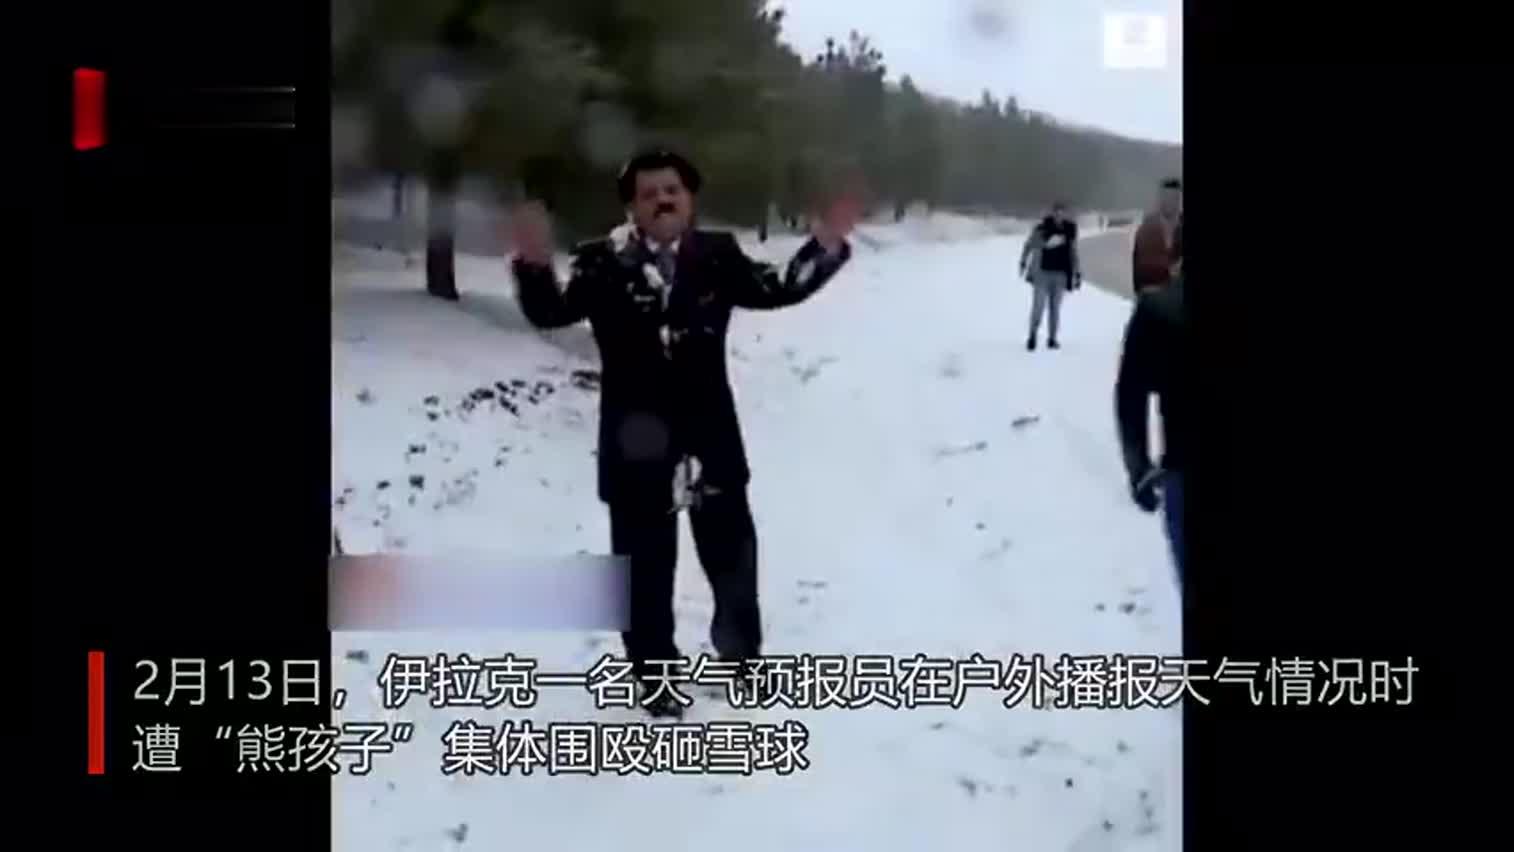 """视频 主播户外播报天气突然被一群""""熊孩子""""围住雪"""